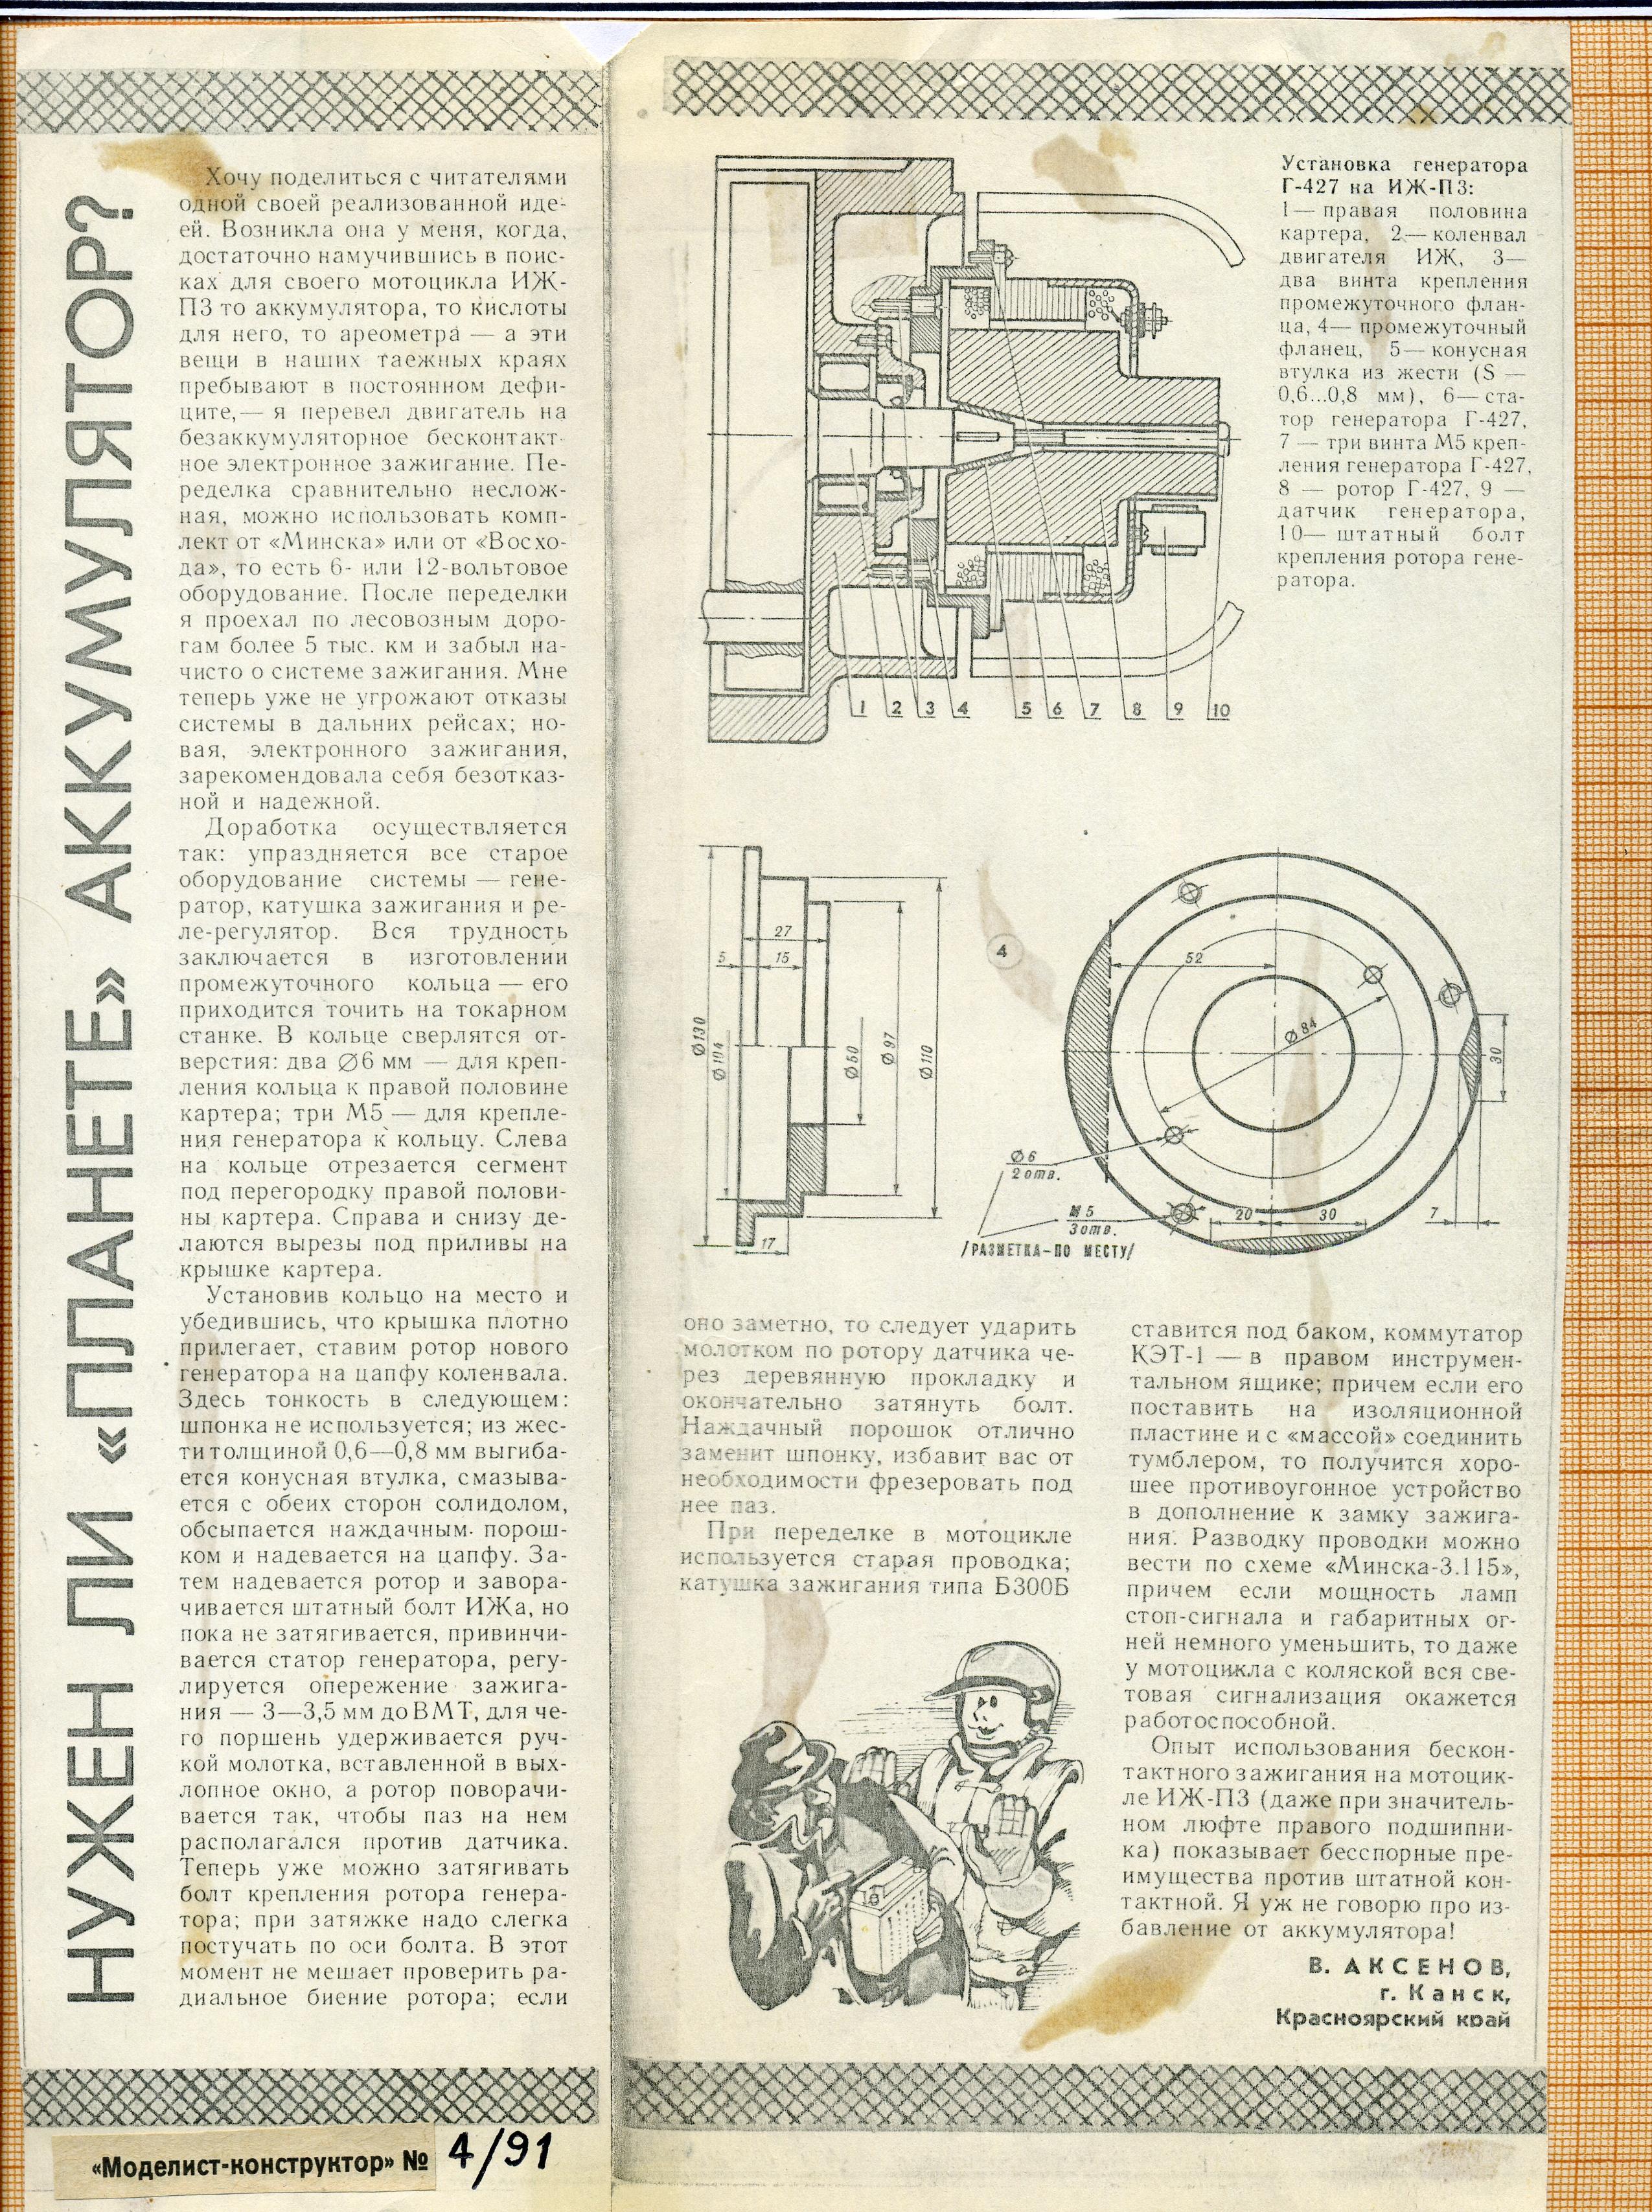 схема проводки электронного зажигания минск 6 вольт